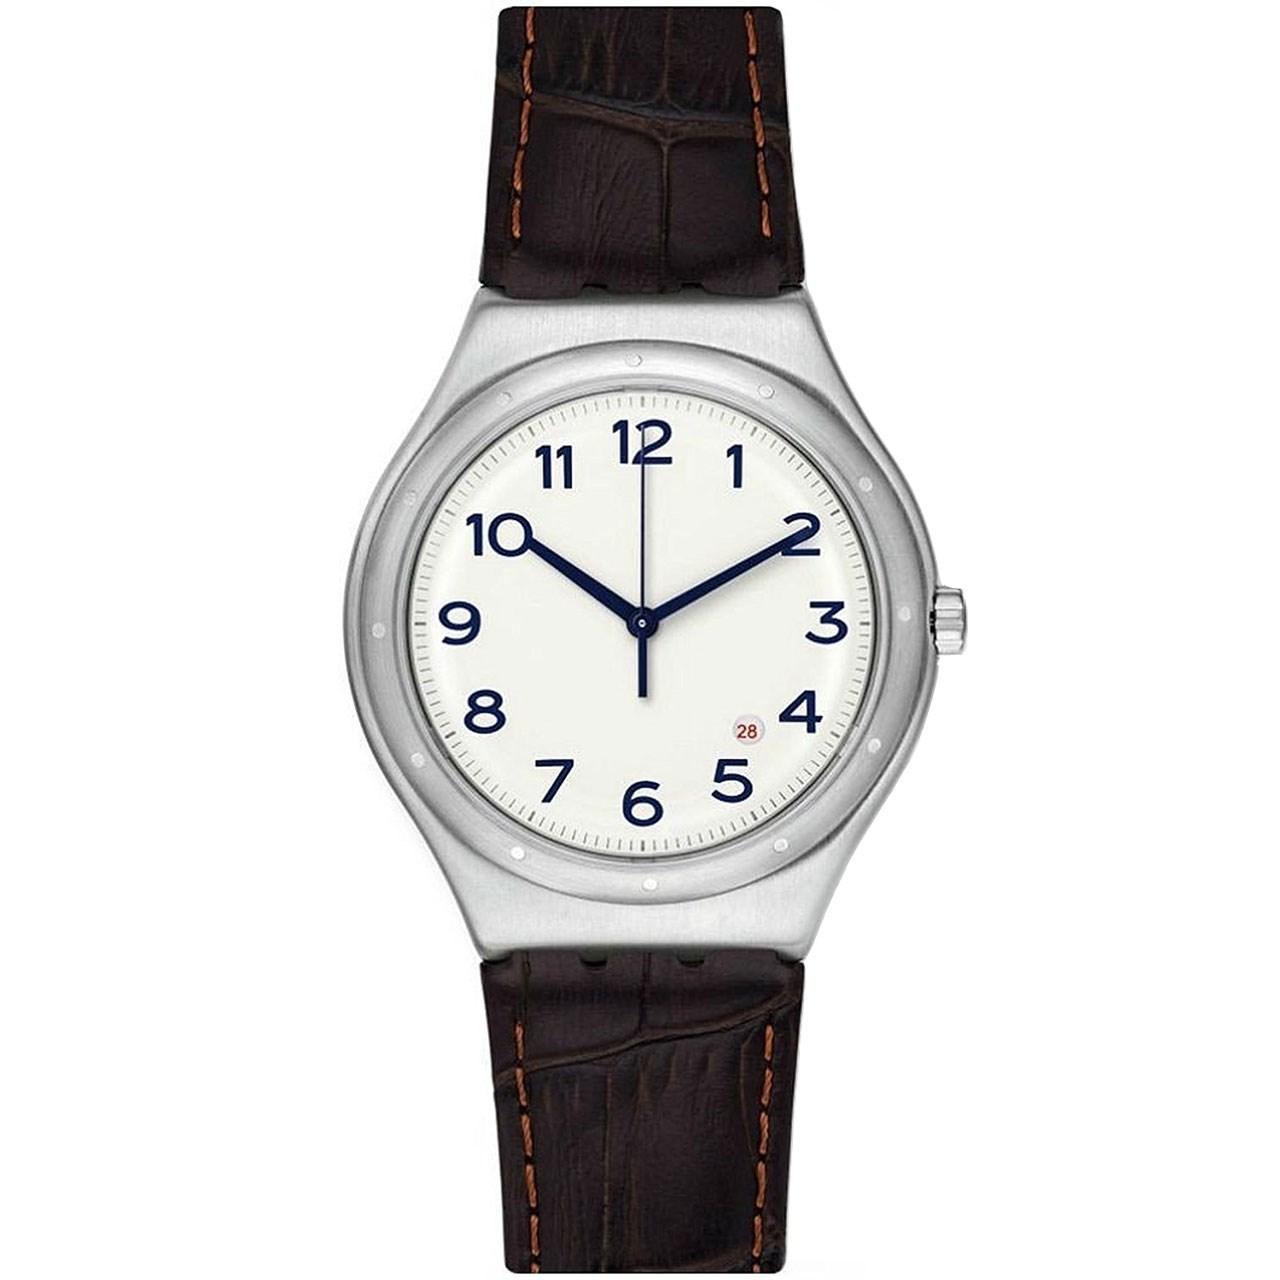 ساعت مچی عقربه ای مردانه سواچ مدل YWS416